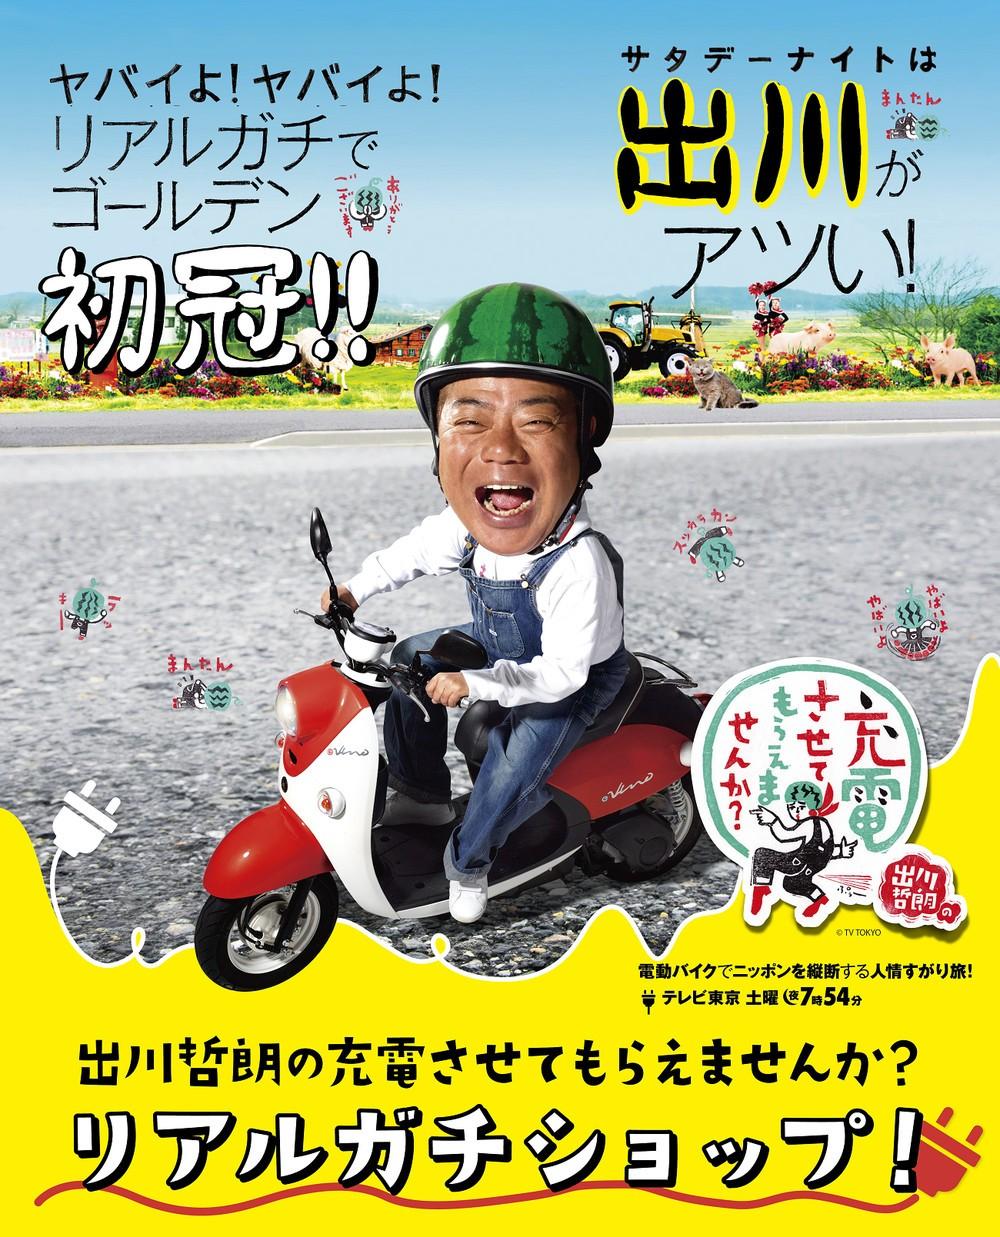 出川哲朗の人気番組が「リアルガチショップ」に パルコ4店で巡回開催